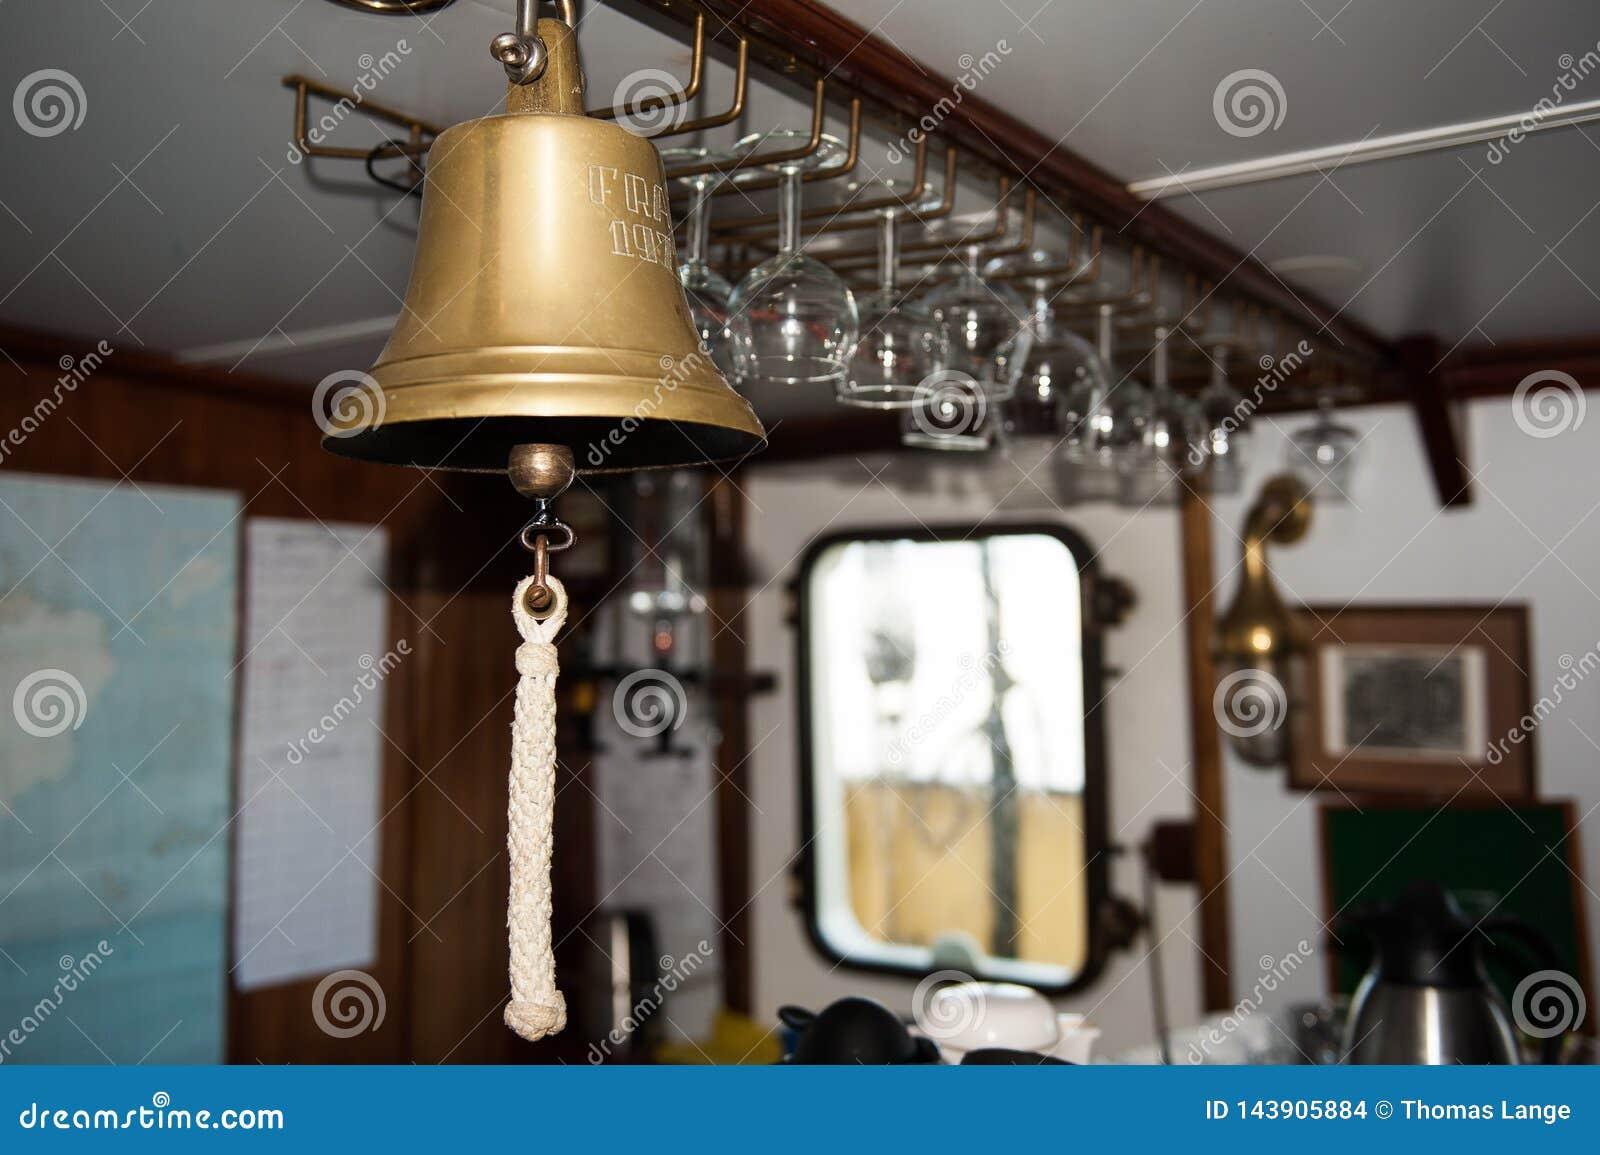 O sino de Ship- usado para chamadas diferentes, como chamadas dos avisos para refeições e alerta da fatura se há qualquer coisa